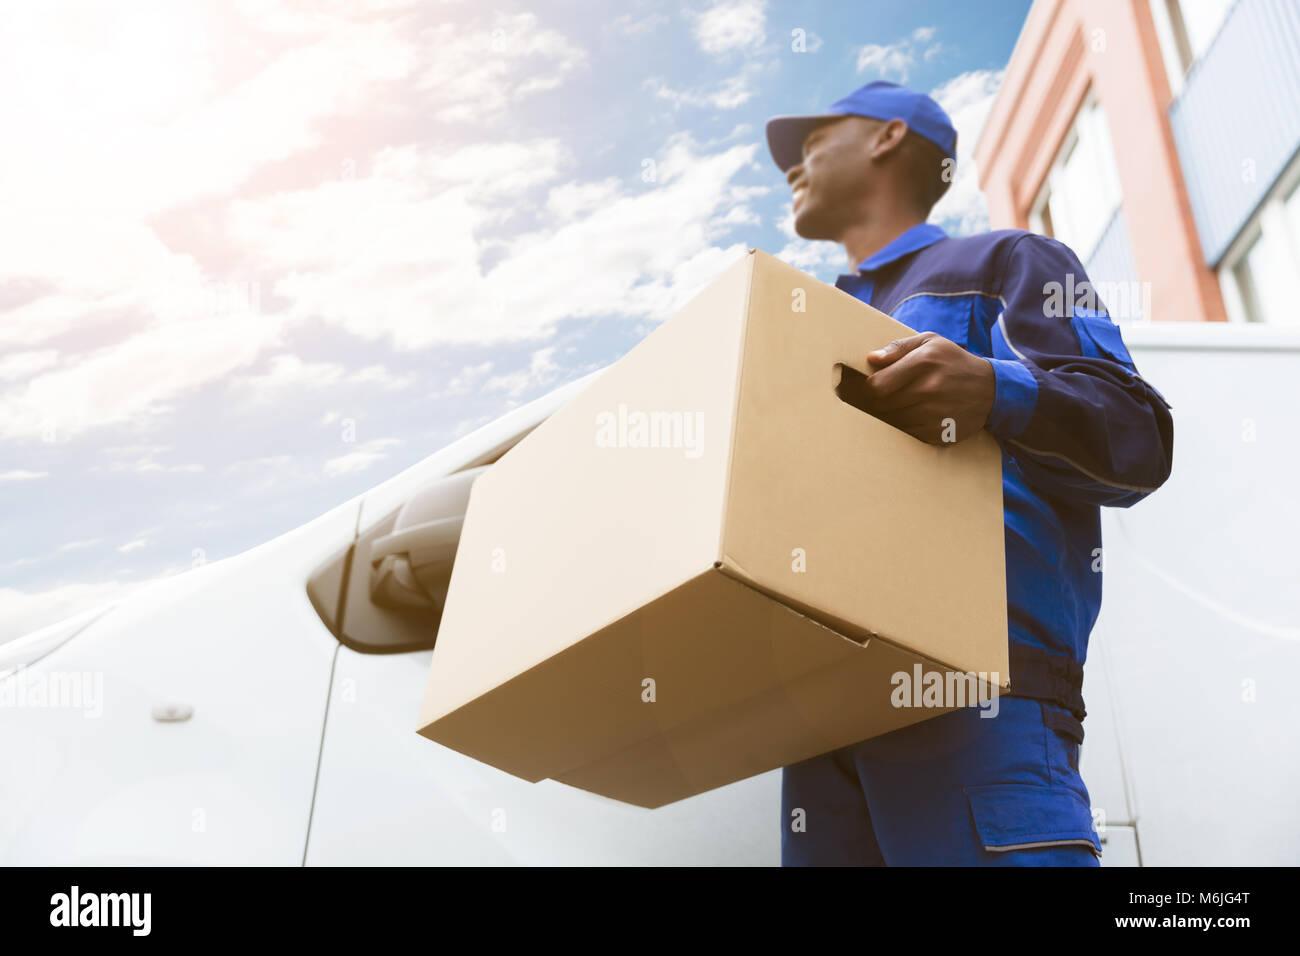 Ángulo de visión baja de la cargadora, hombre de pie cerca de la furgoneta Sosteniendo la caja de cartón Imagen De Stock